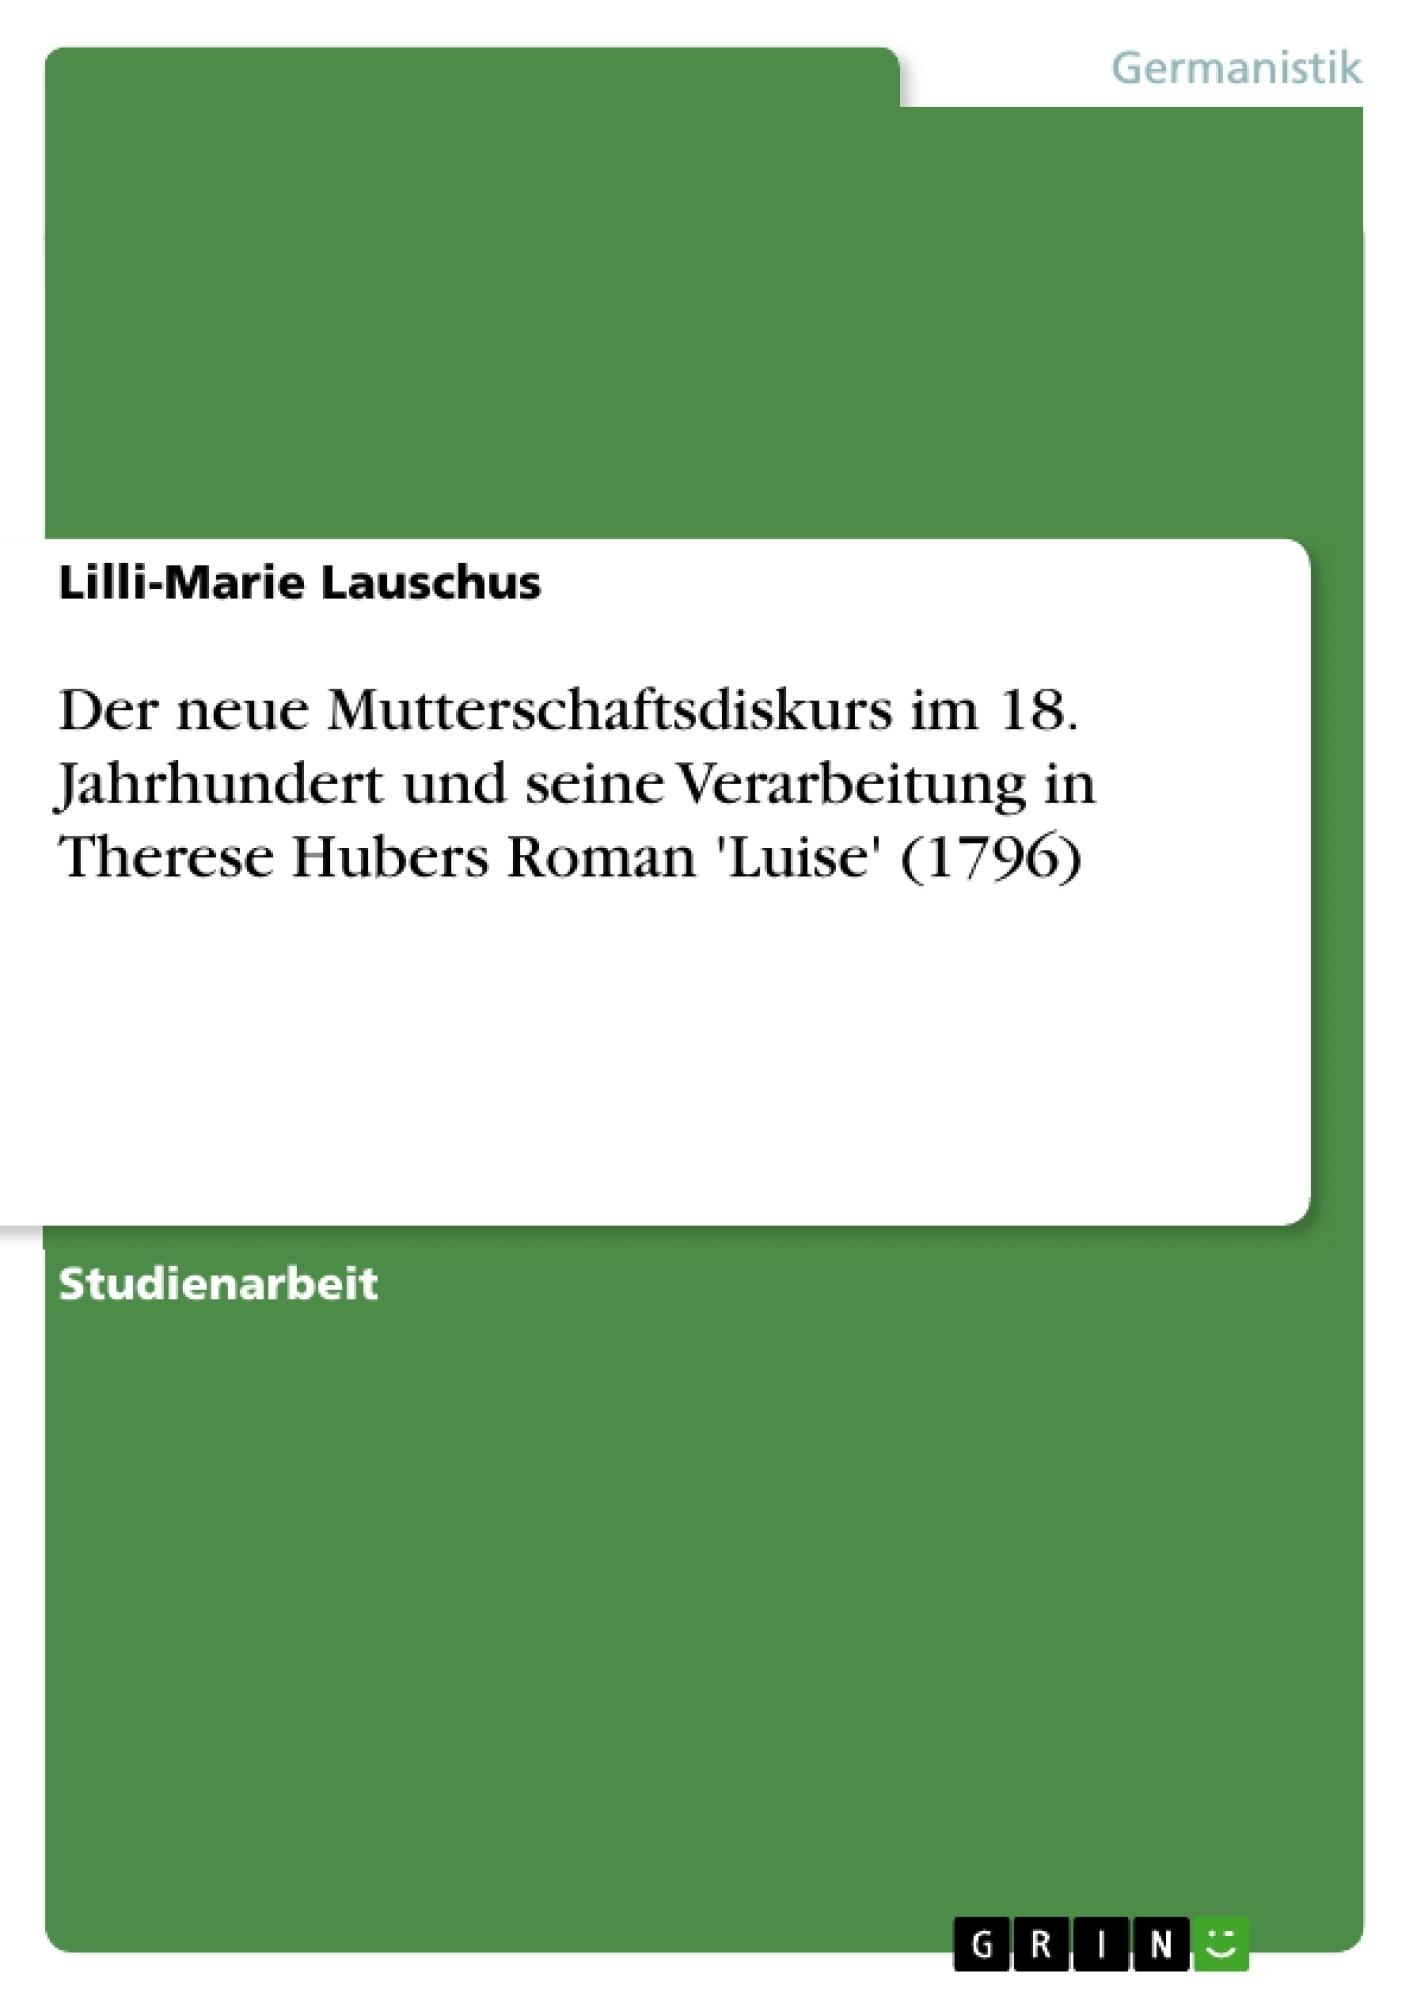 Titel: Der neue Mutterschaftsdiskurs im 18. Jahrhundert und seine Verarbeitung in Therese Hubers Roman 'Luise' (1796)